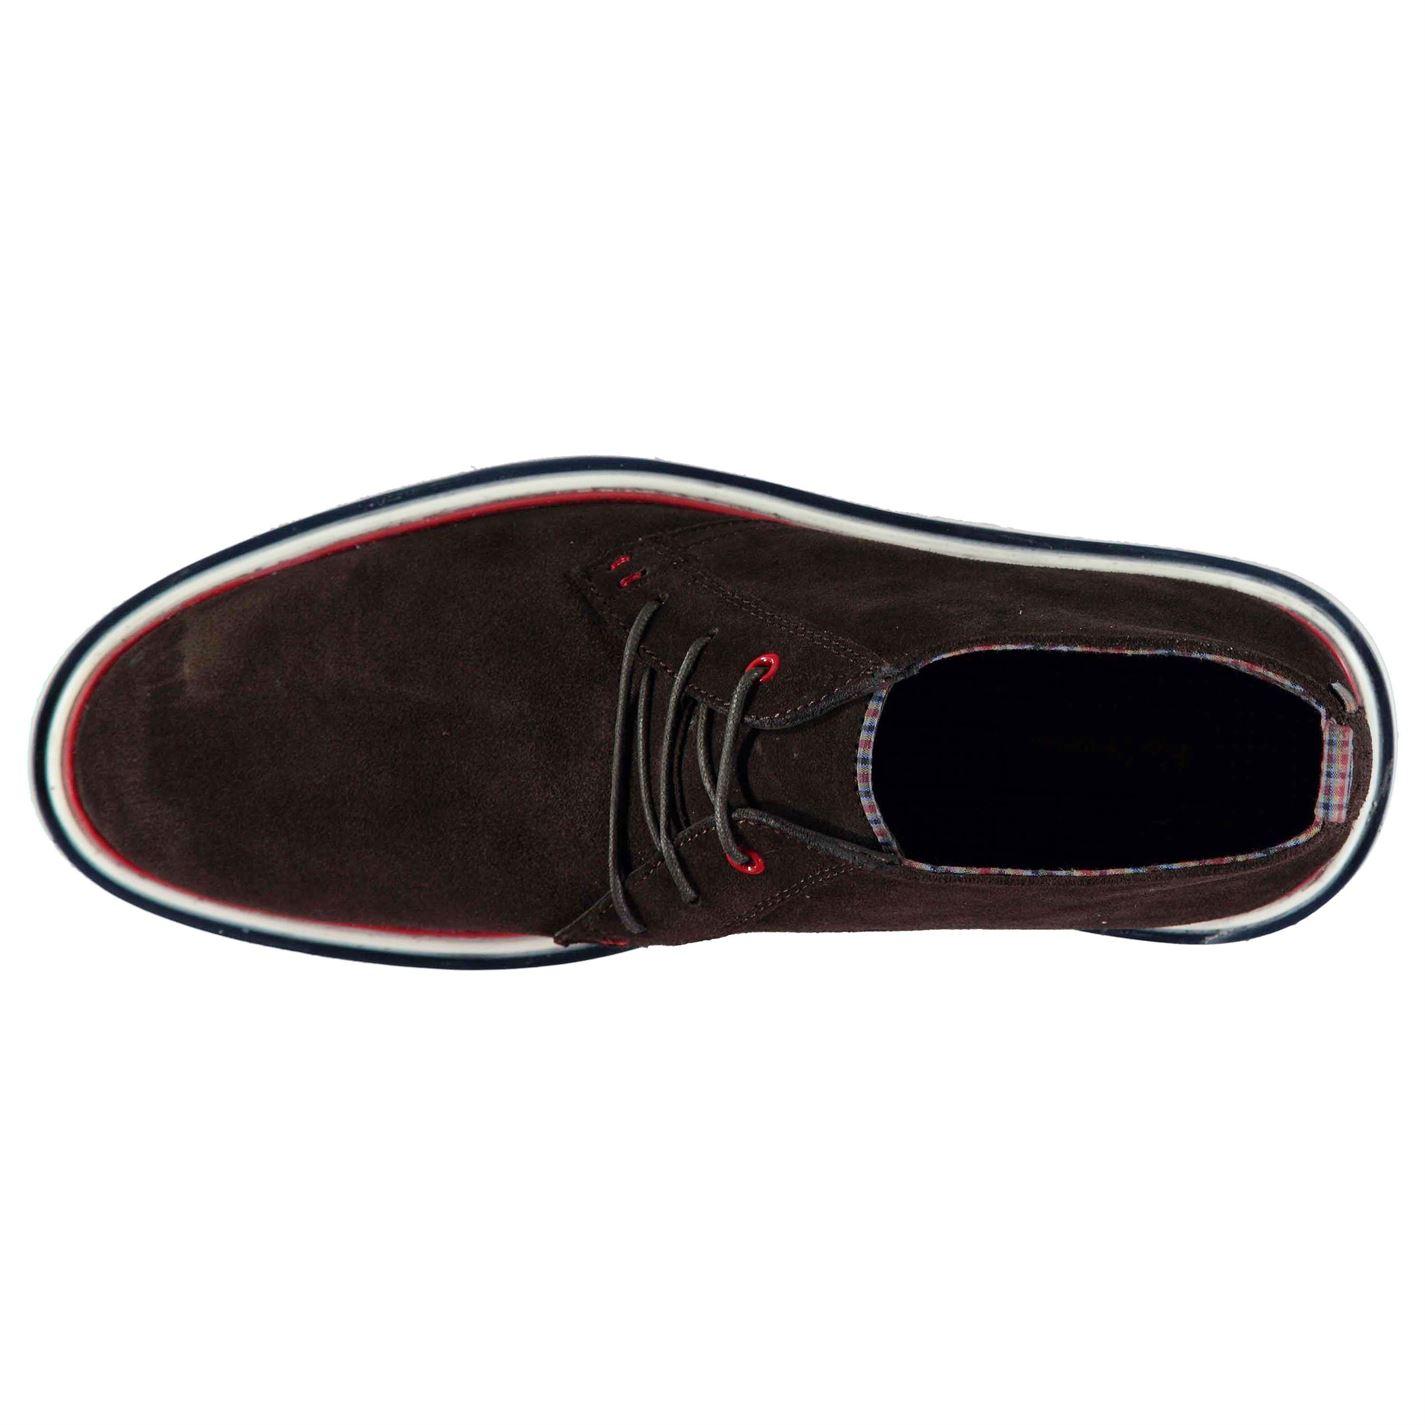 Calzado marrón Ben Gamuza chukka Sherman Cordones Gents Sujetados modernas Mens Botas qHfYxZv